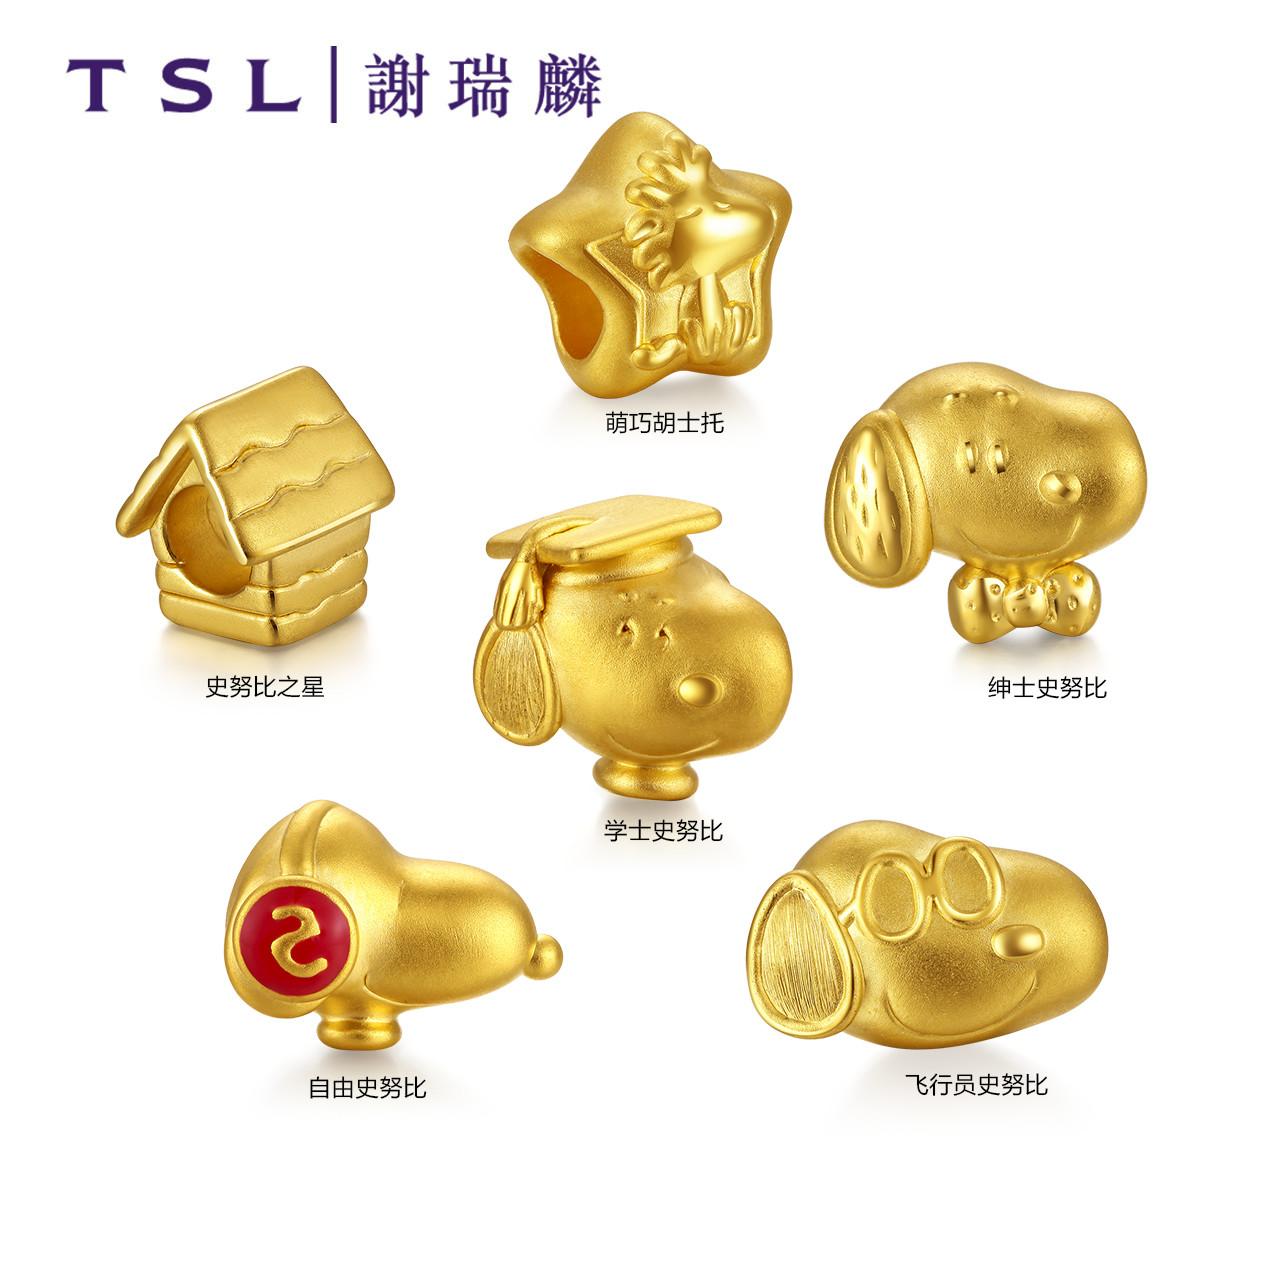 TSL-谢瑞麟3D硬金吊坠足金史努比狗手串黄金转运珠X3759-X3710